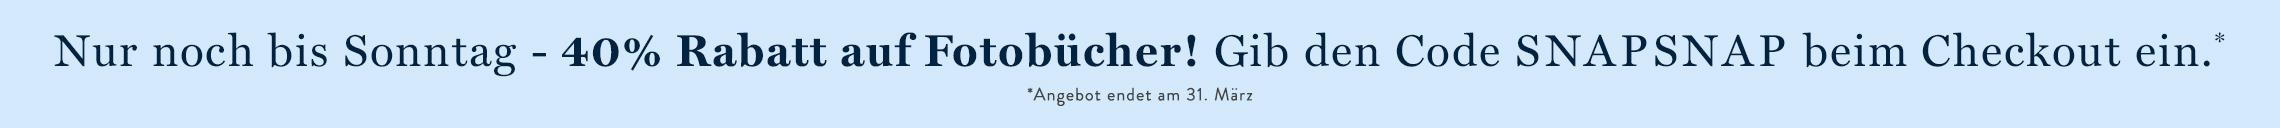 03.19 banner photobookpromo40  desktop de